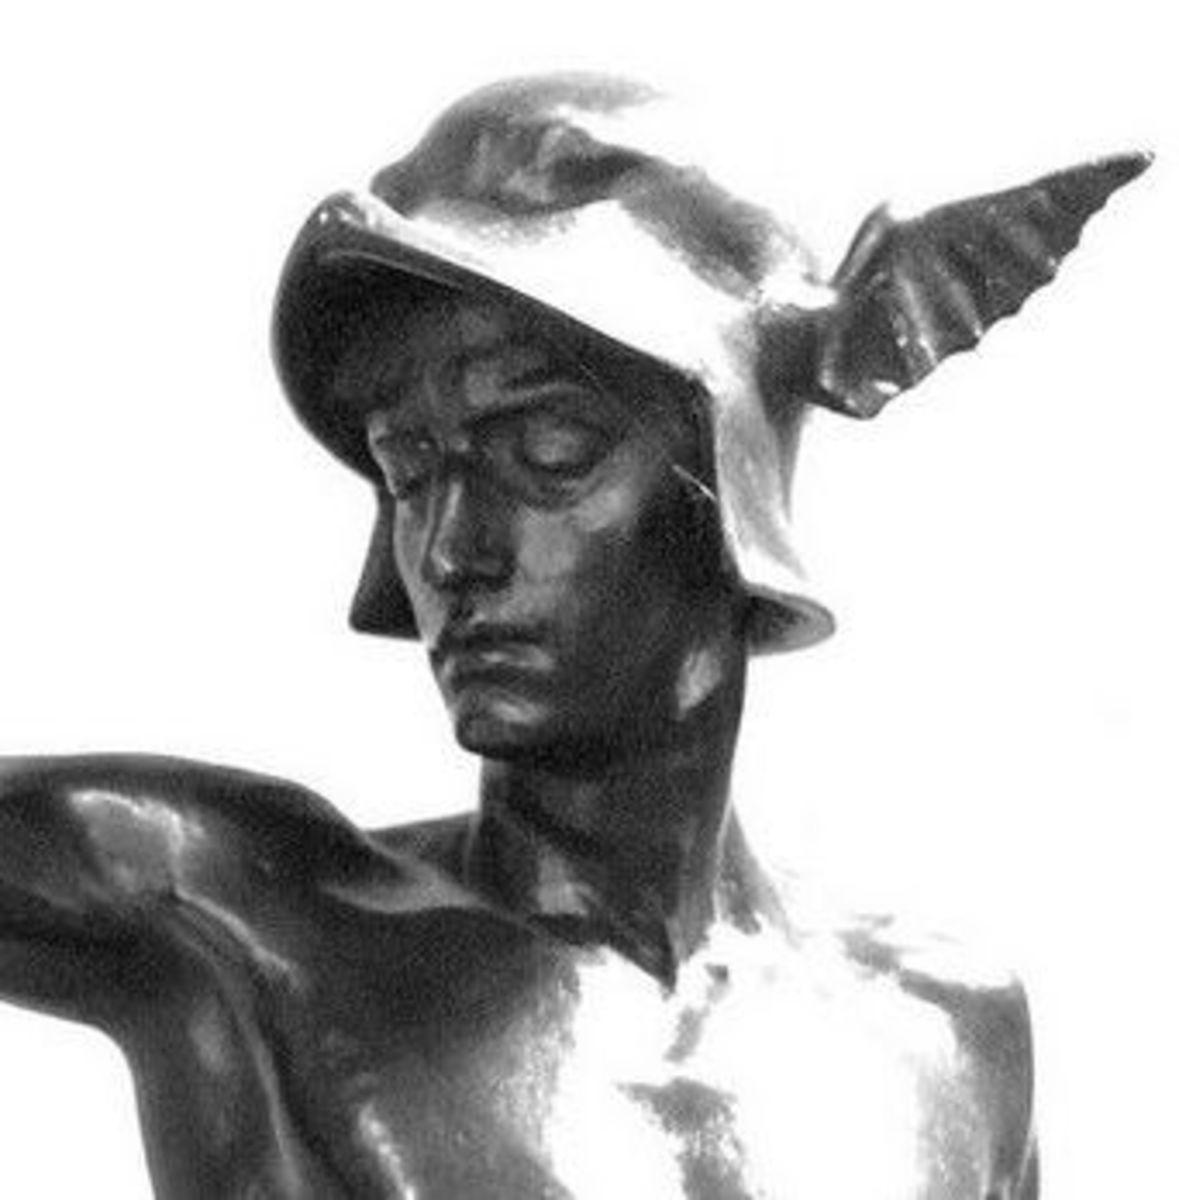 Hermes in his winged cap